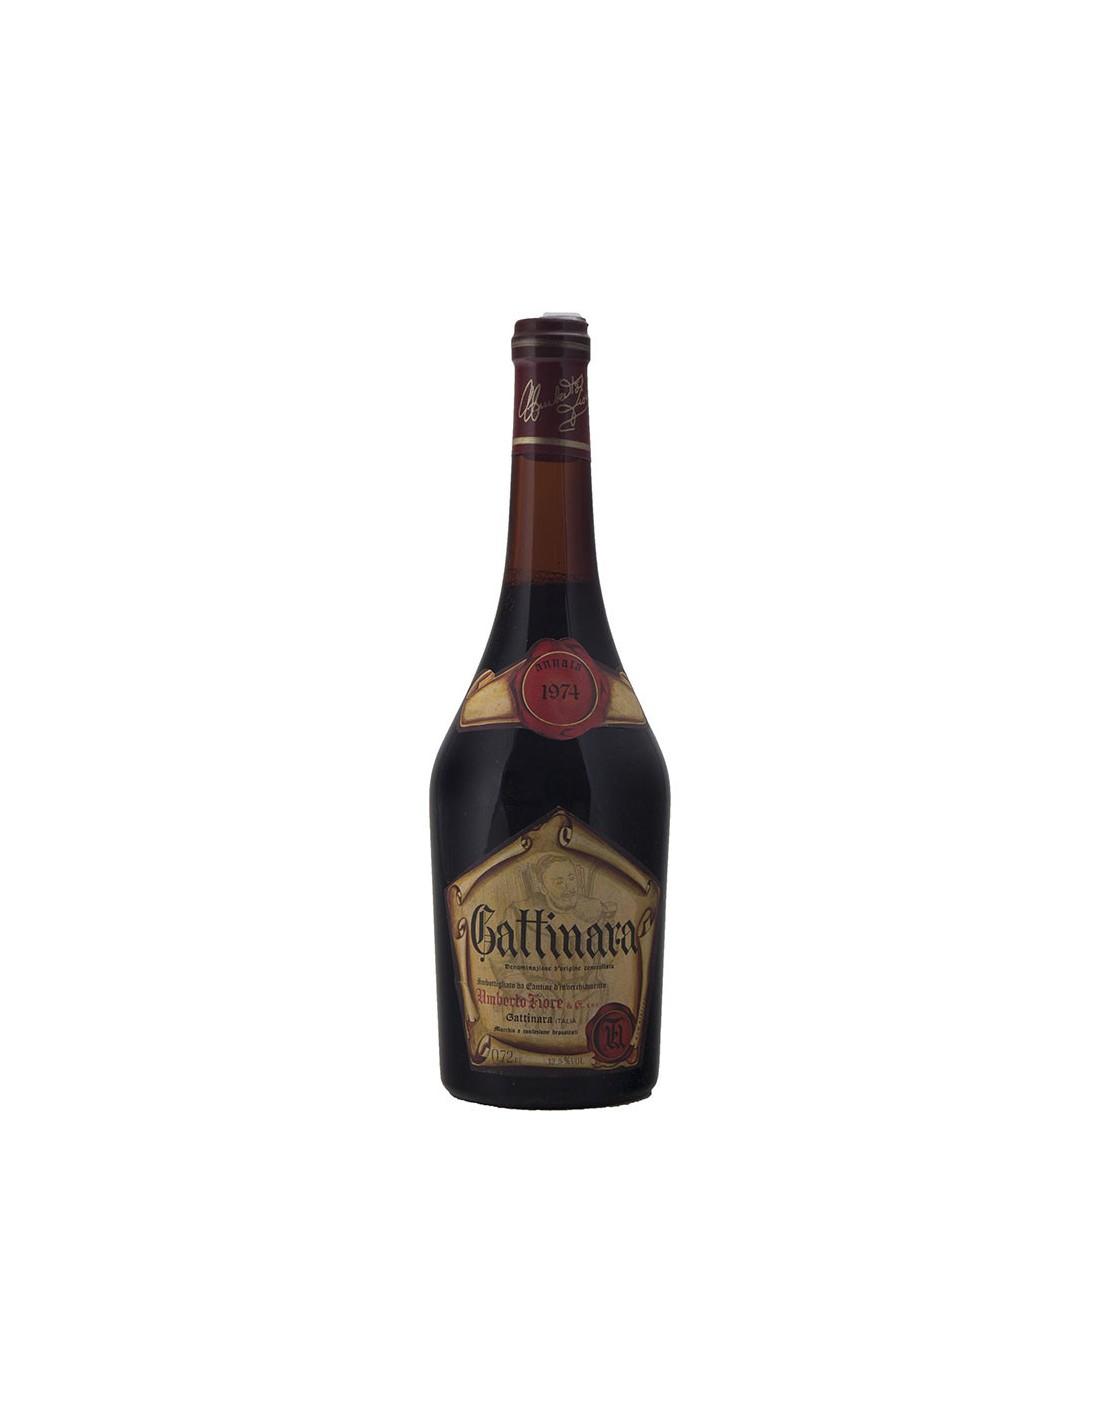 GATTINARA 1974 UMBERTO FIORE Grandi Bottiglie